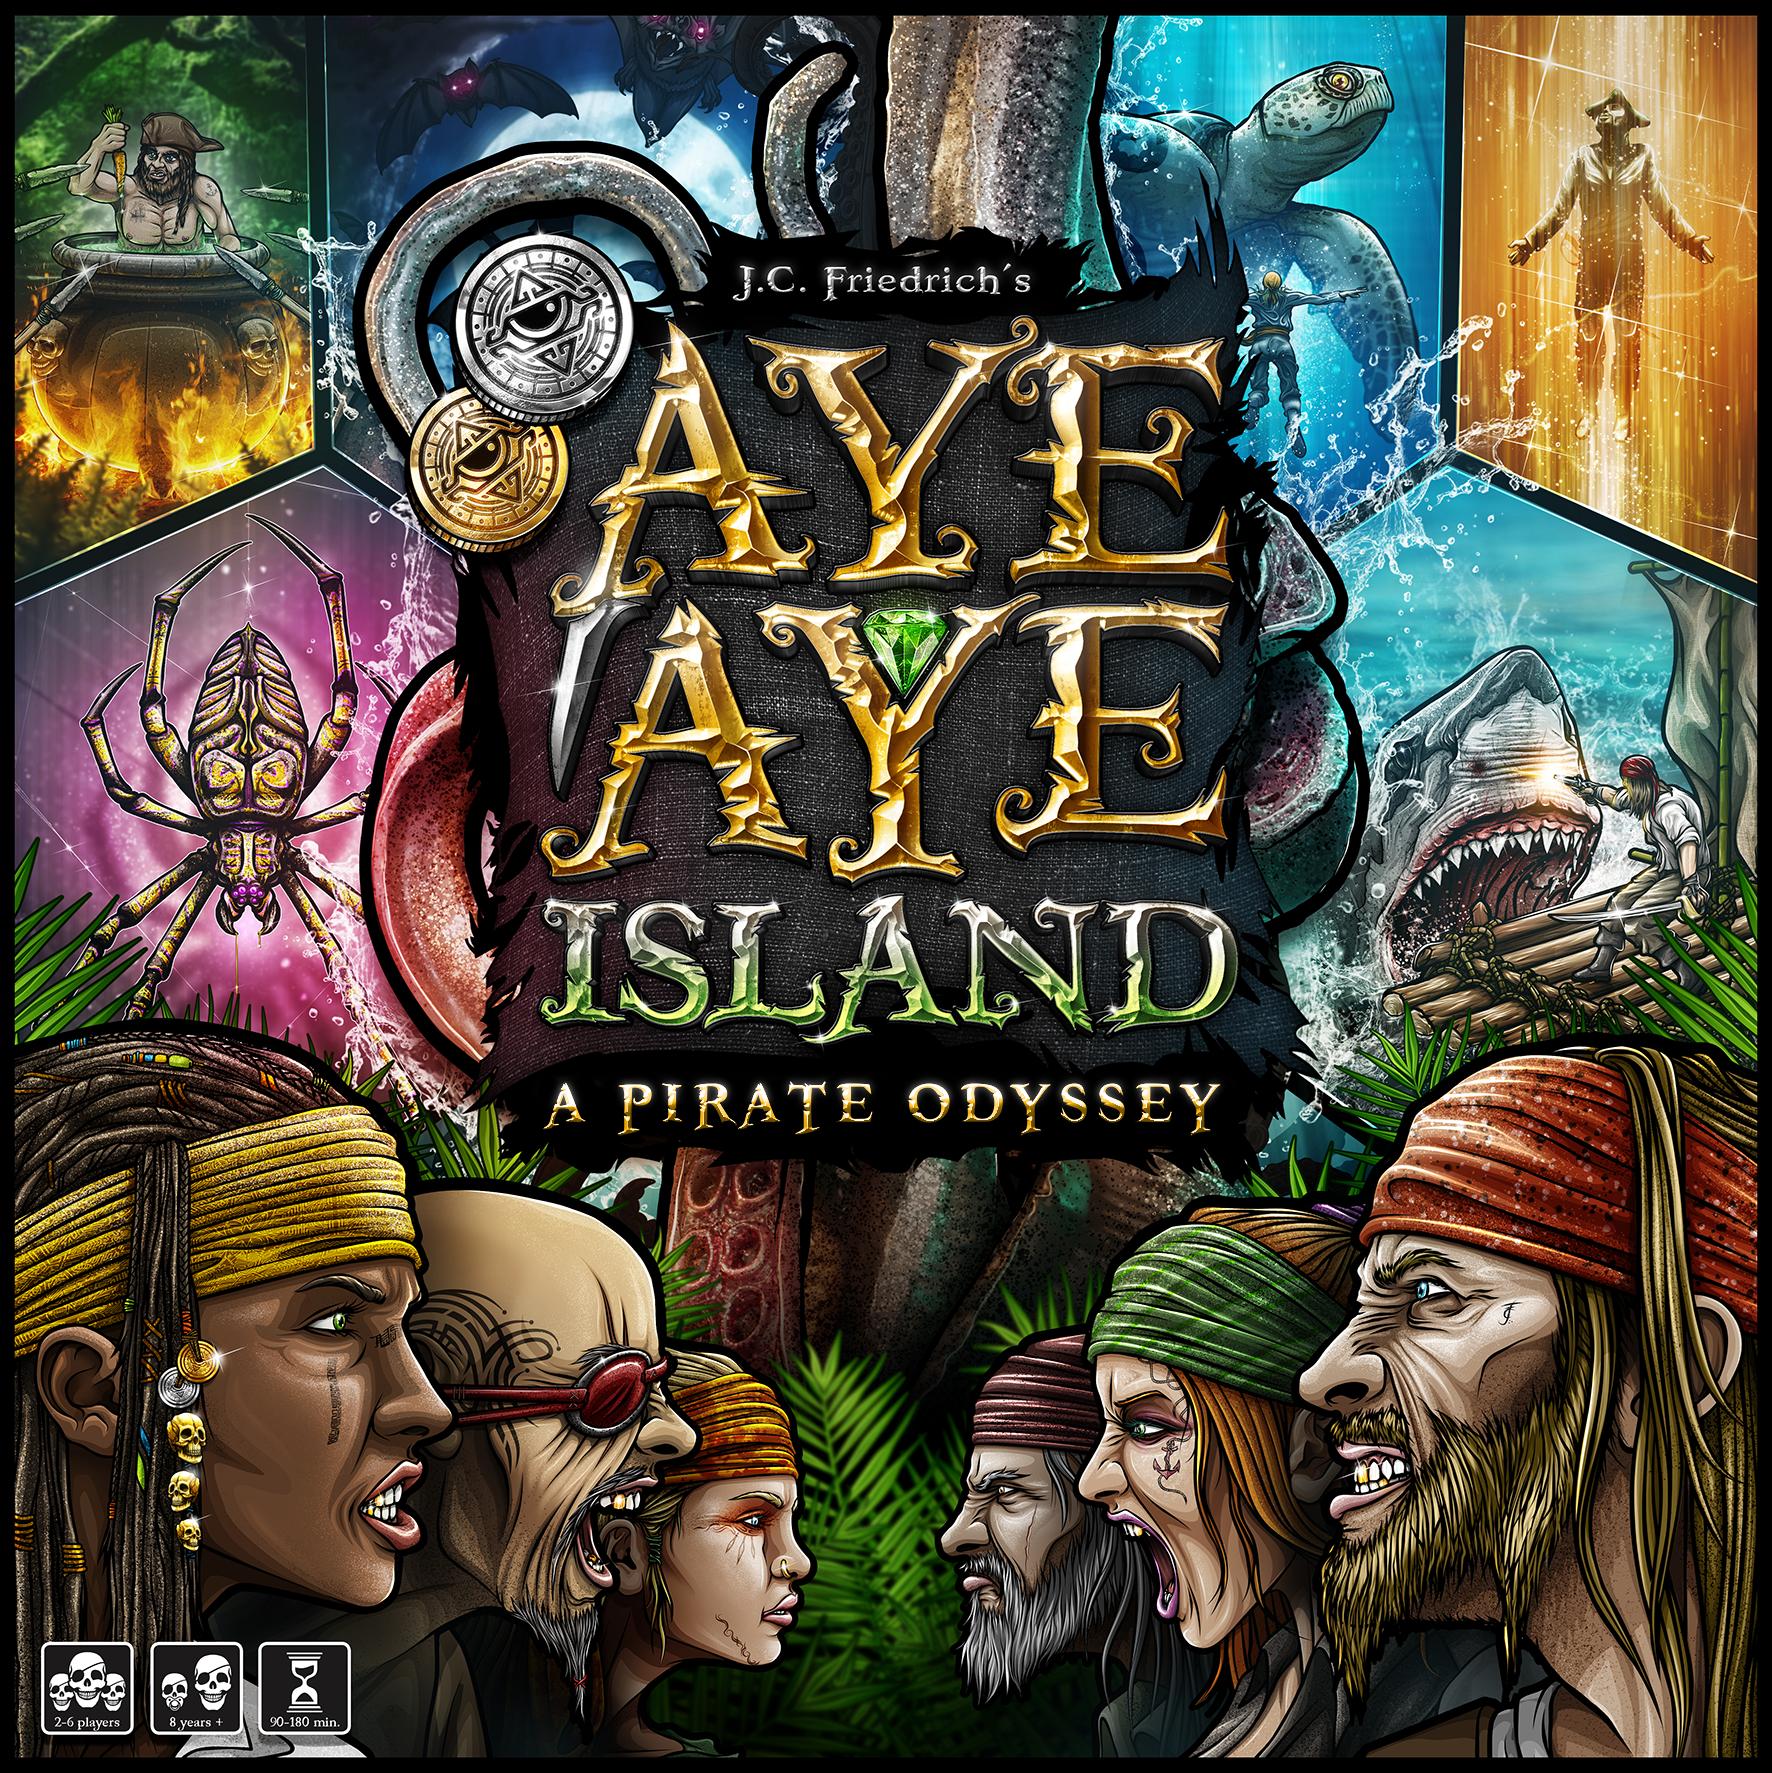 Aye Aye Island: A Pirate Odyssey